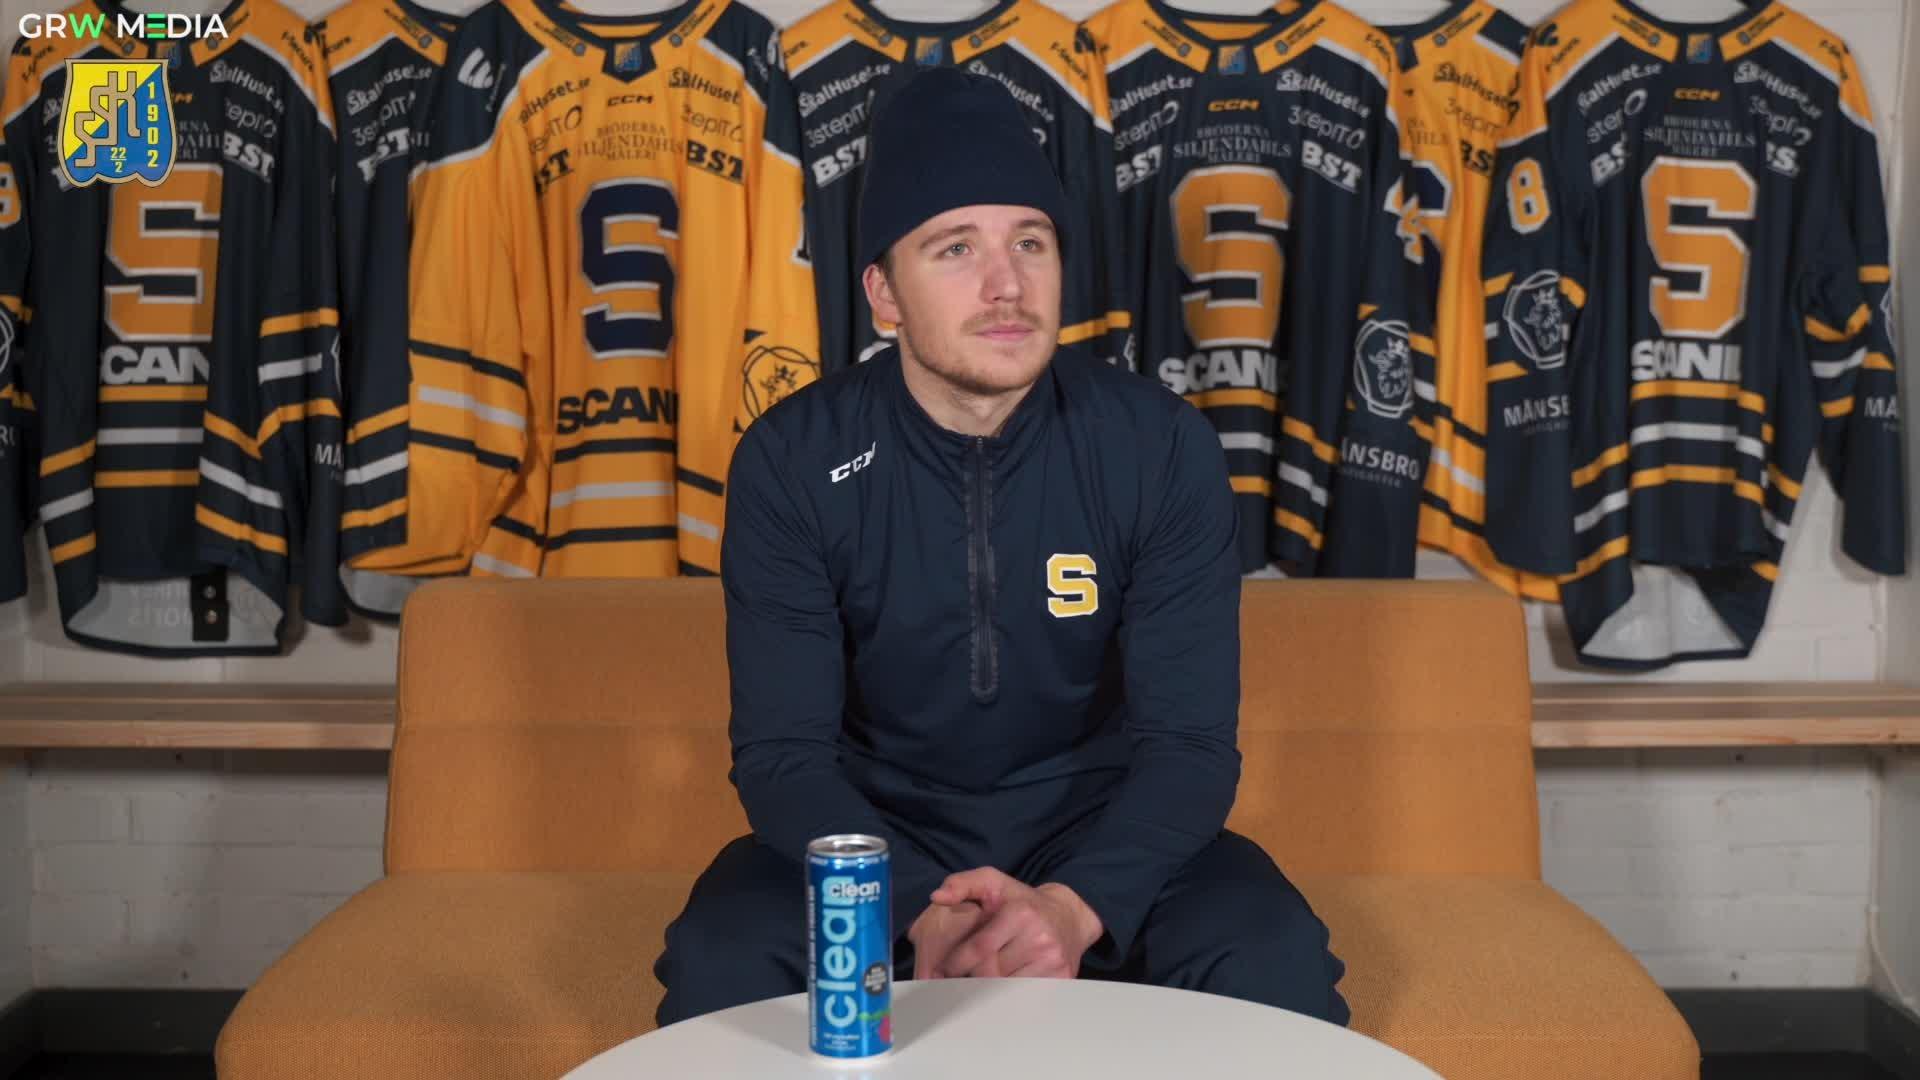 Intervju med Rasmus Kahilainen